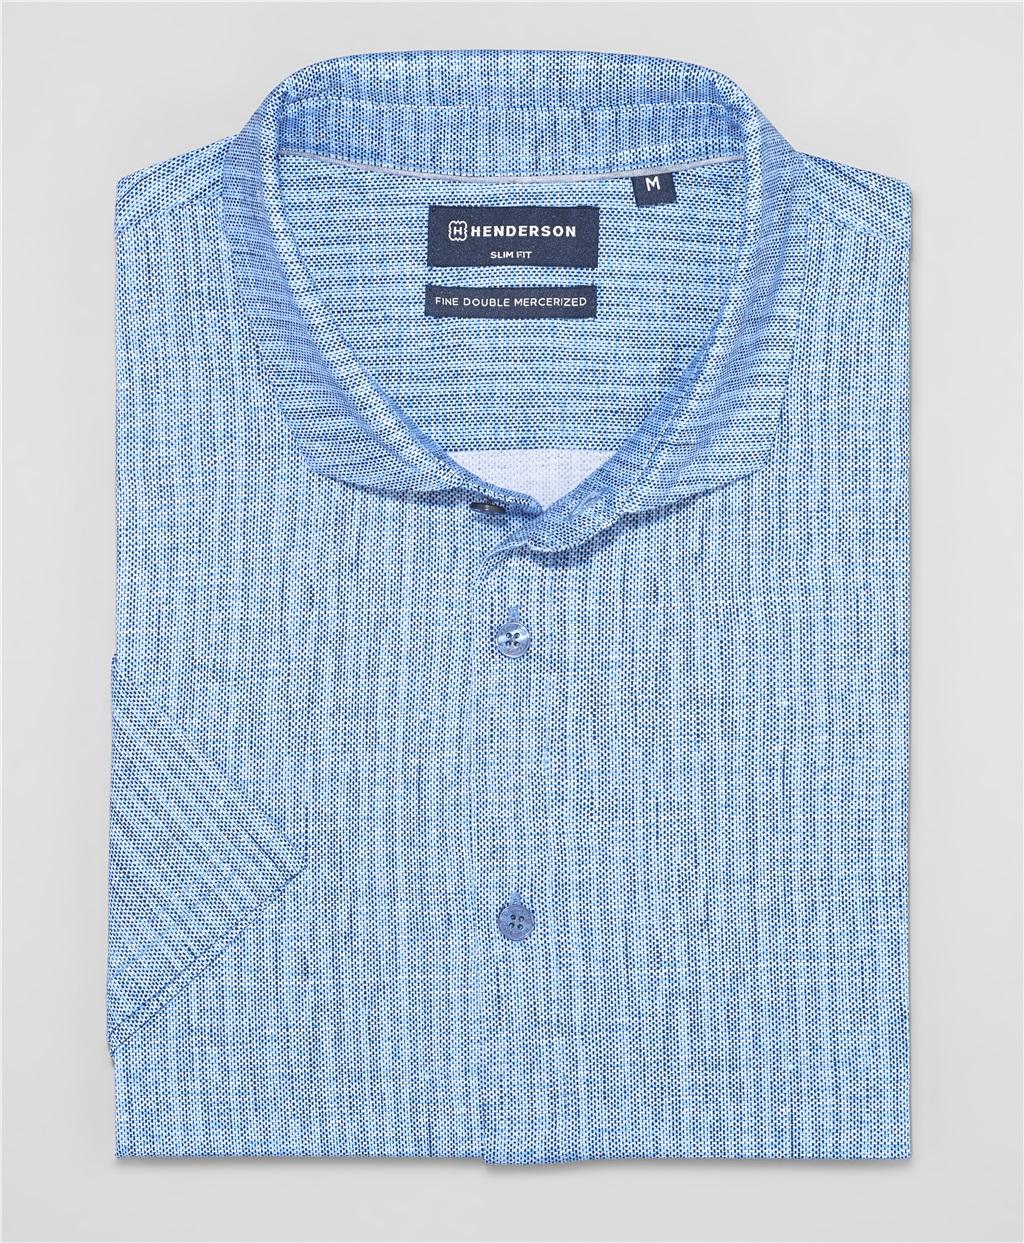 Рубашка трикотажная HENDERSON HSS-0085-1 BLUE фото